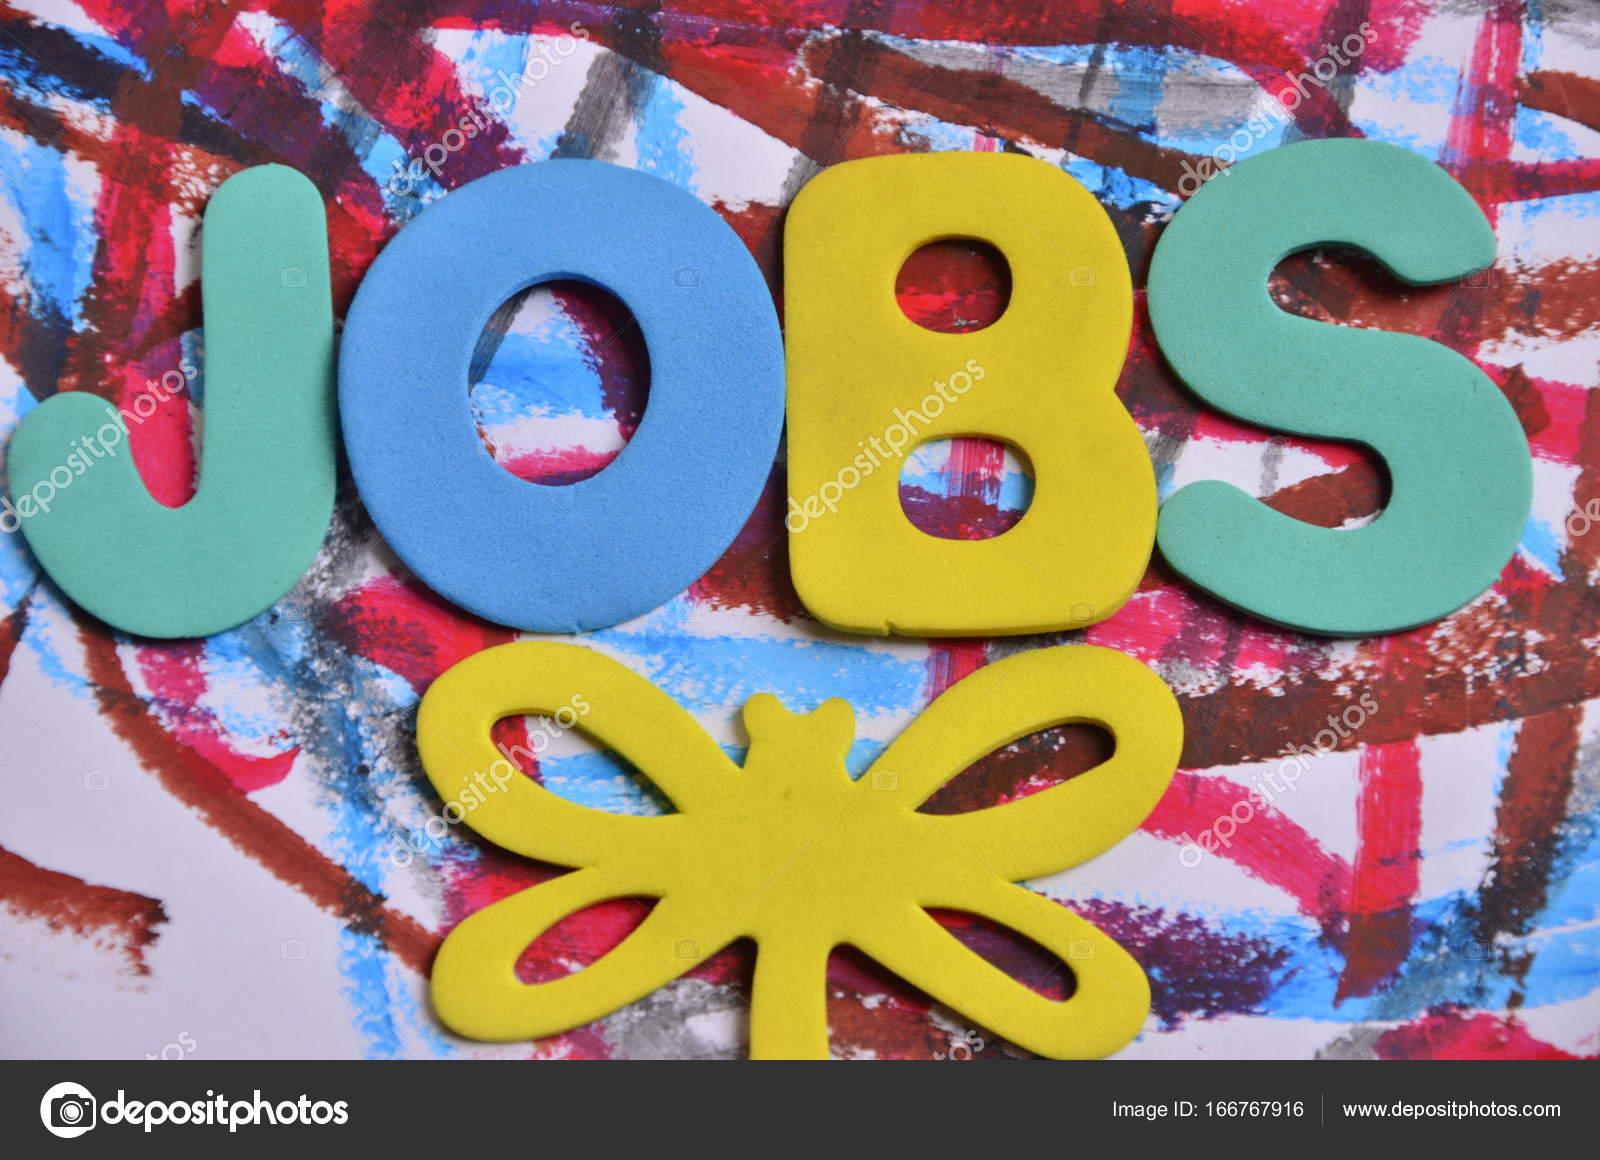 trabajos de Word en un resumen — Foto de stock © czany #166767916